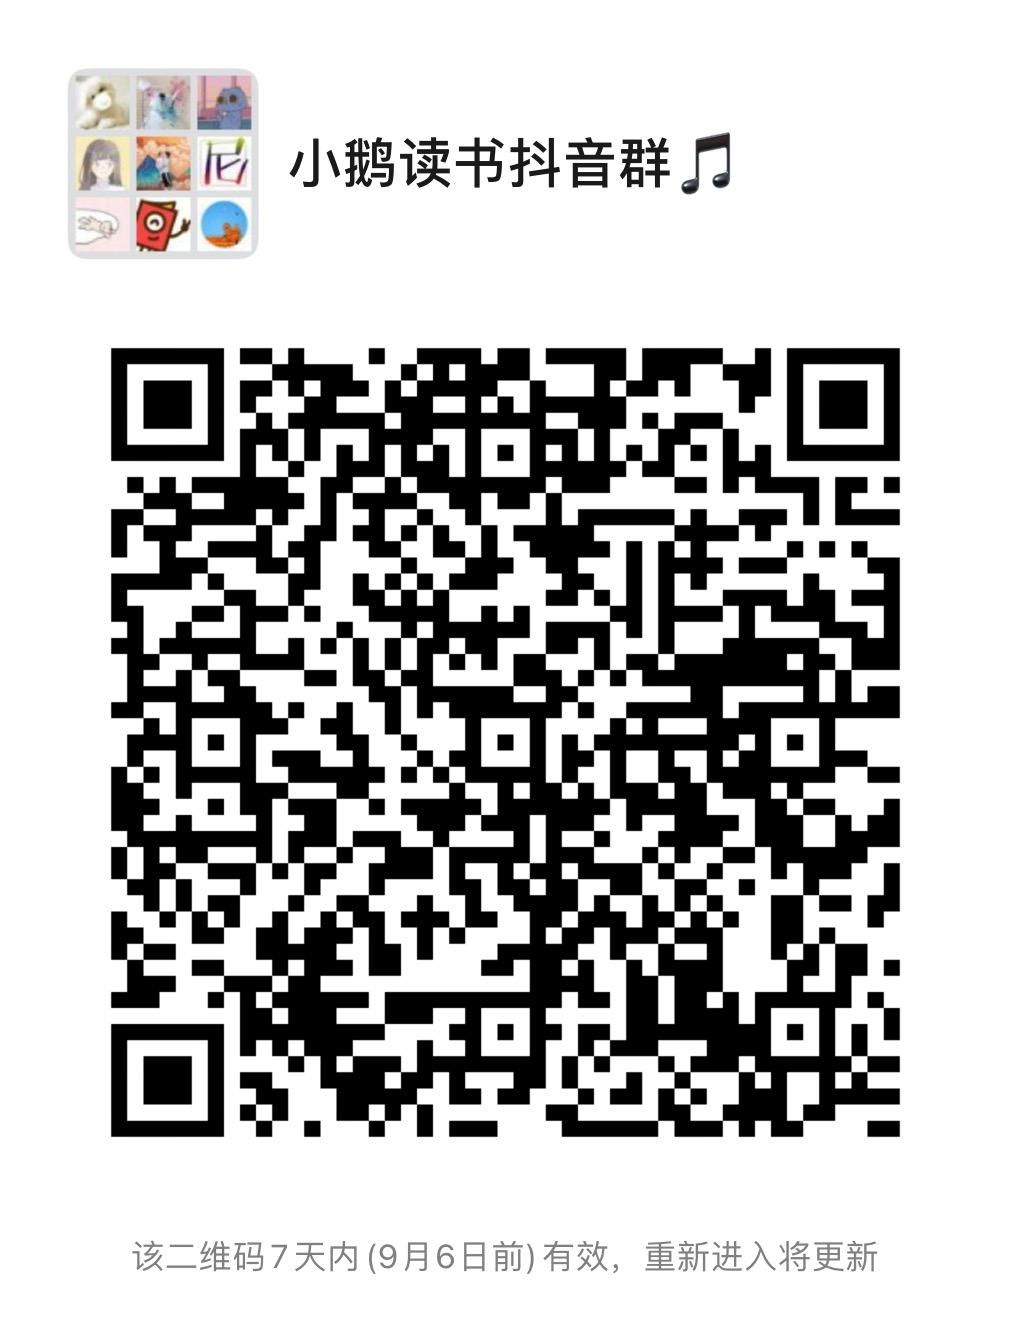 微信图片_20210830114308.jpg